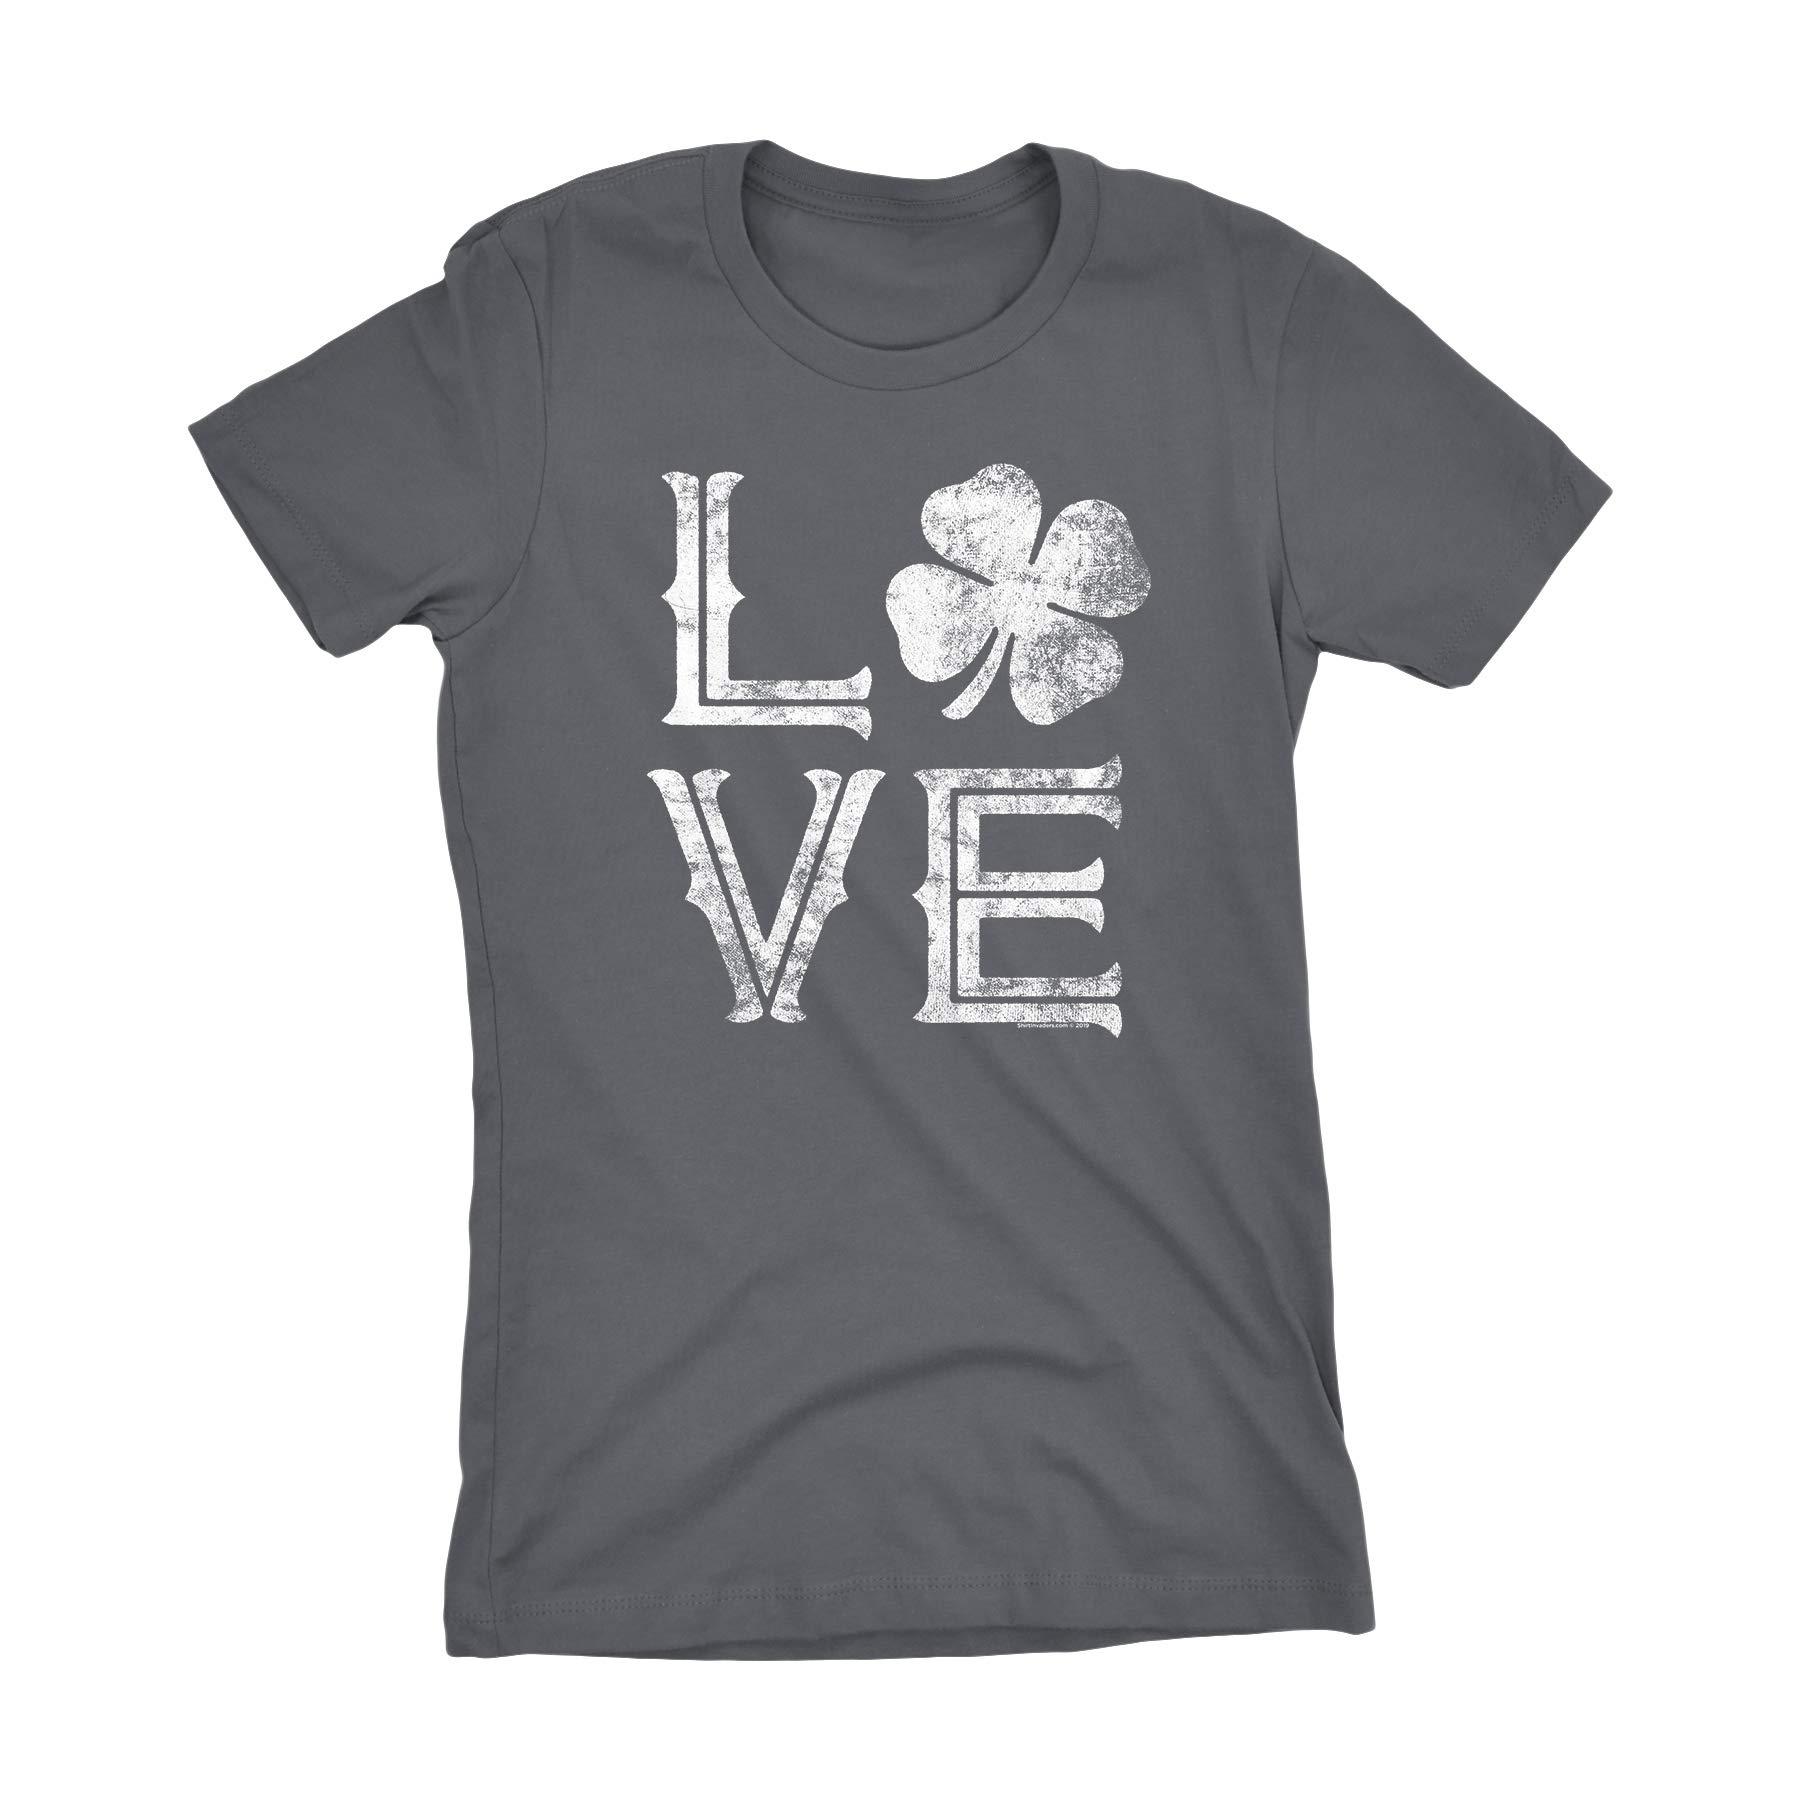 St Patricks Day Irish Shirt Love Shamrock Clover